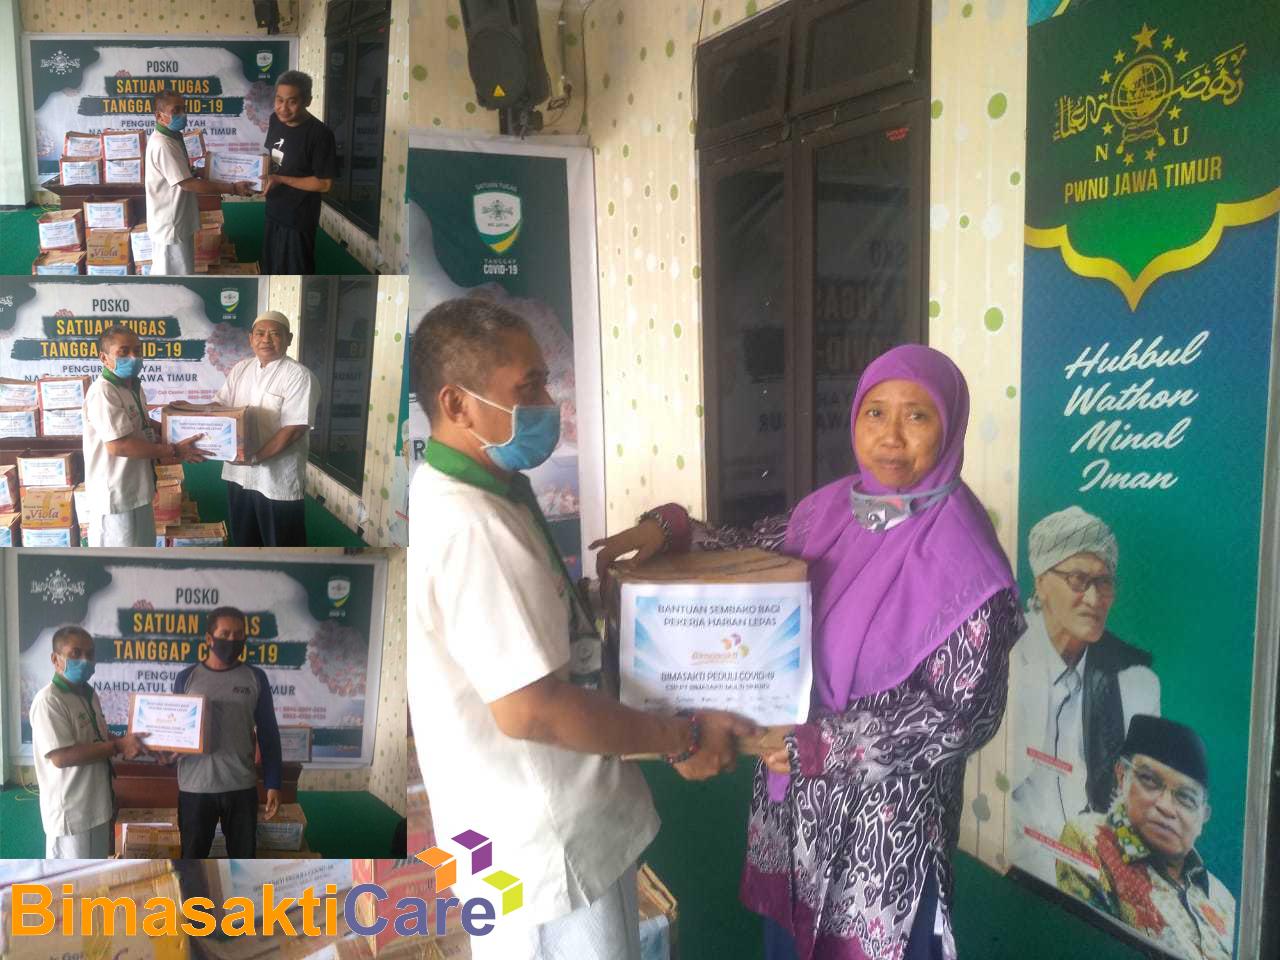 BimasaktiCare dan PWNU Surabaya Bagikan Sembako terdampak Covid 19